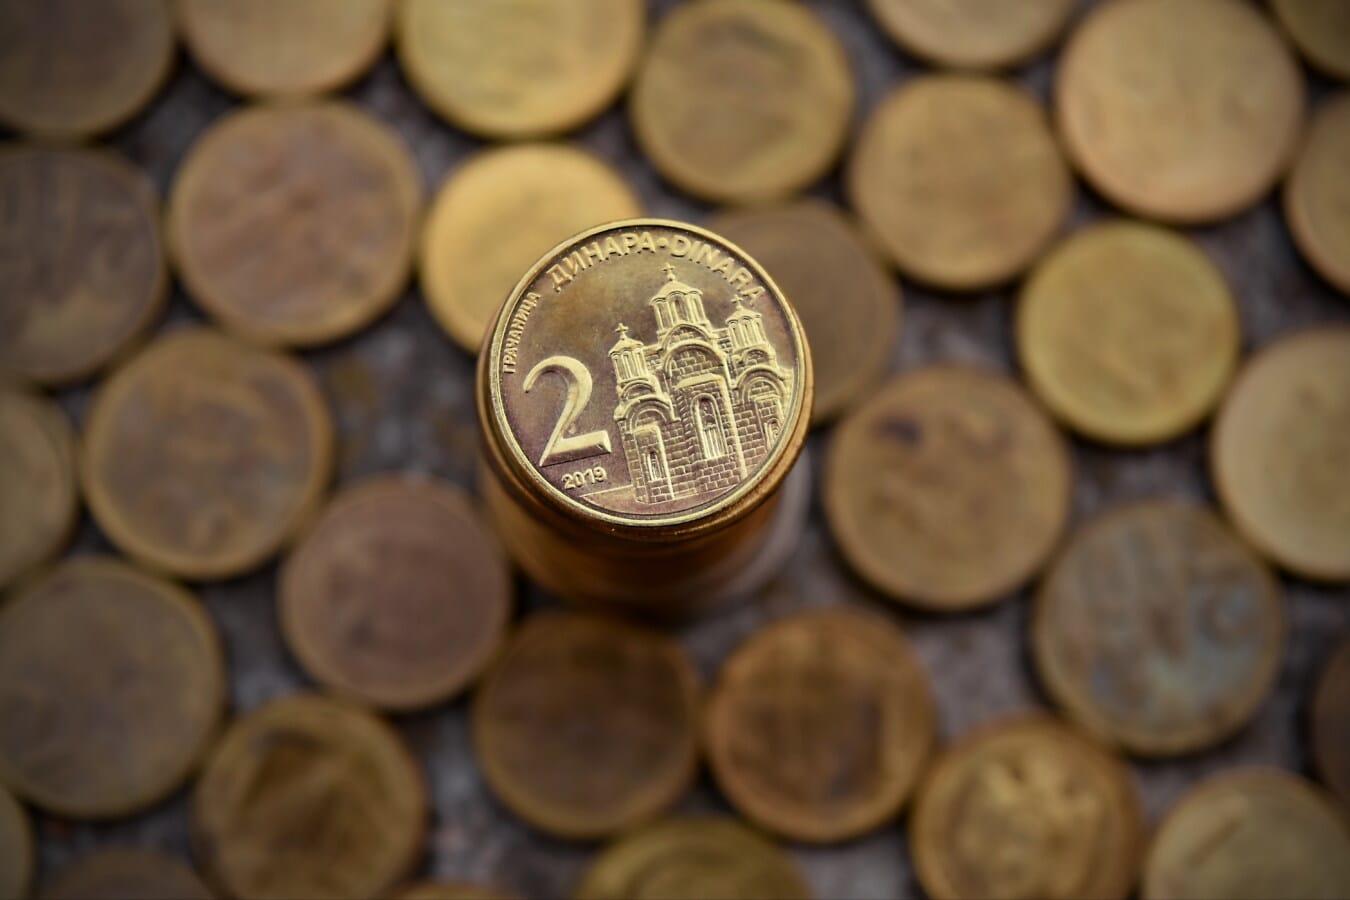 Währung, Metall, Serbien, Münzen, glänzend, Bargeld, Einsparungen, Textur, reiche, Fortune